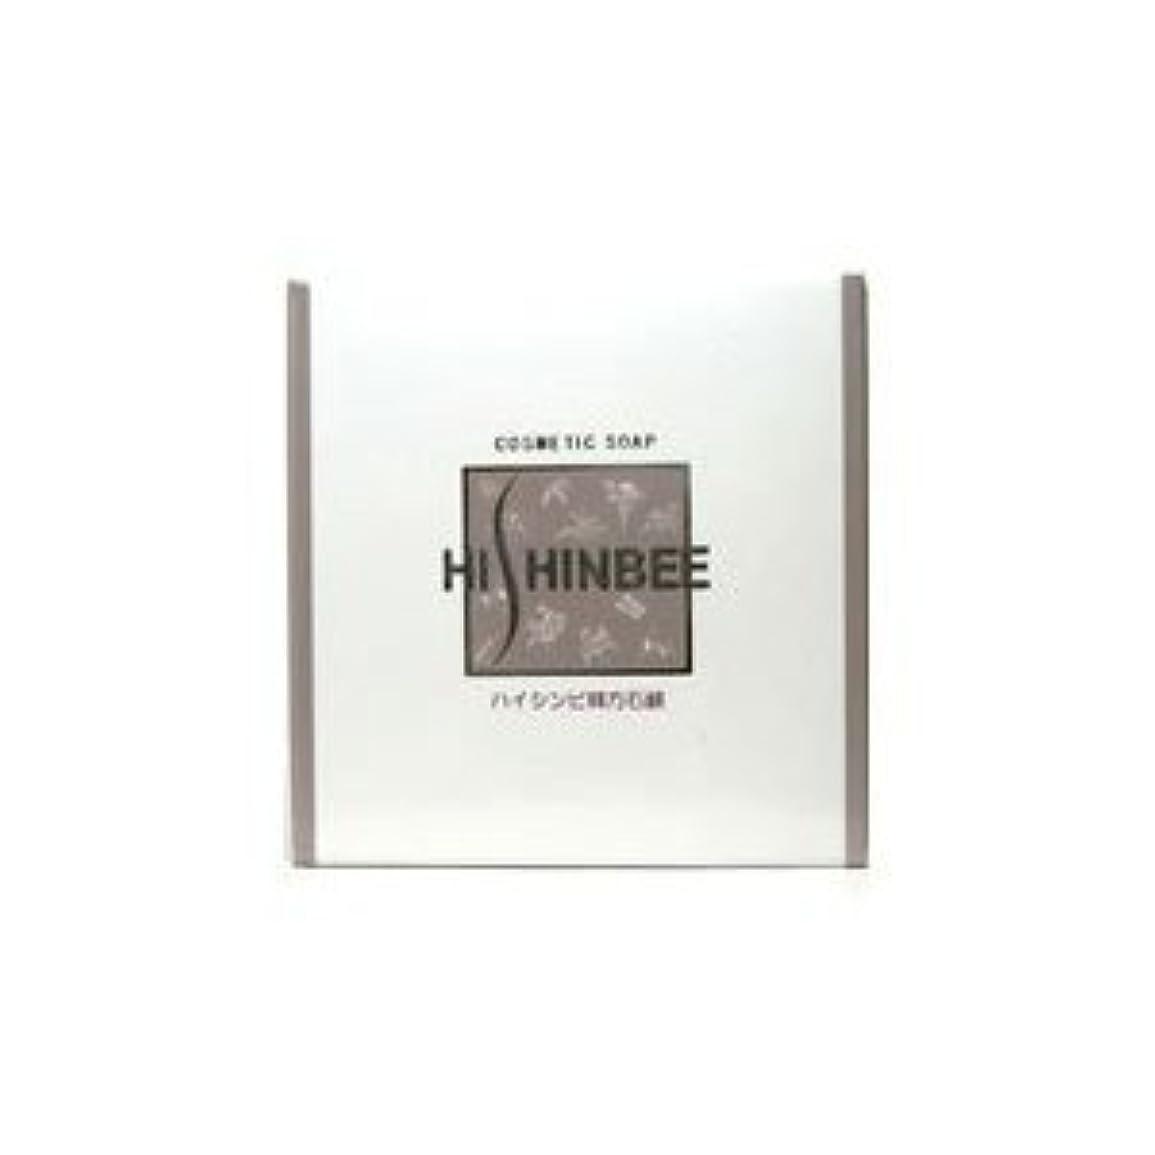 リズミカルな容器忠実に★韓国産★ハイシンビ 韓方石鹸 120g 1BOX(24個)